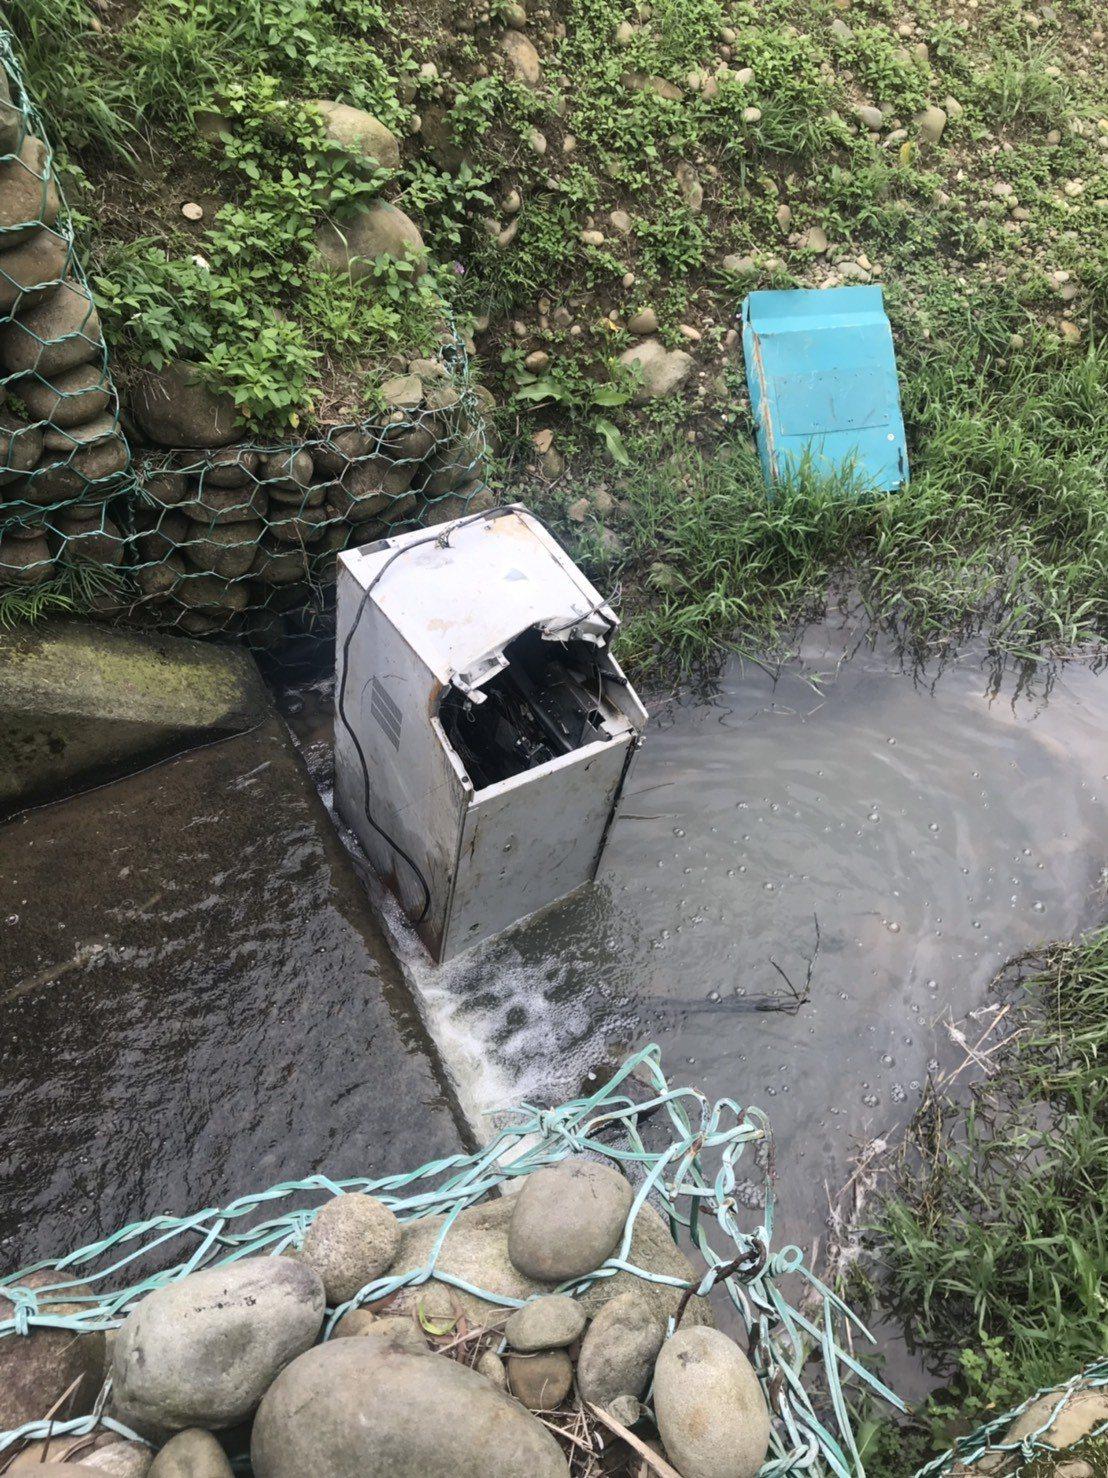 桃園市新屋區一間夜間打烊的超商提款機遭偷,被民眾發現出現在新竹縣福興溪中,警方蒐...